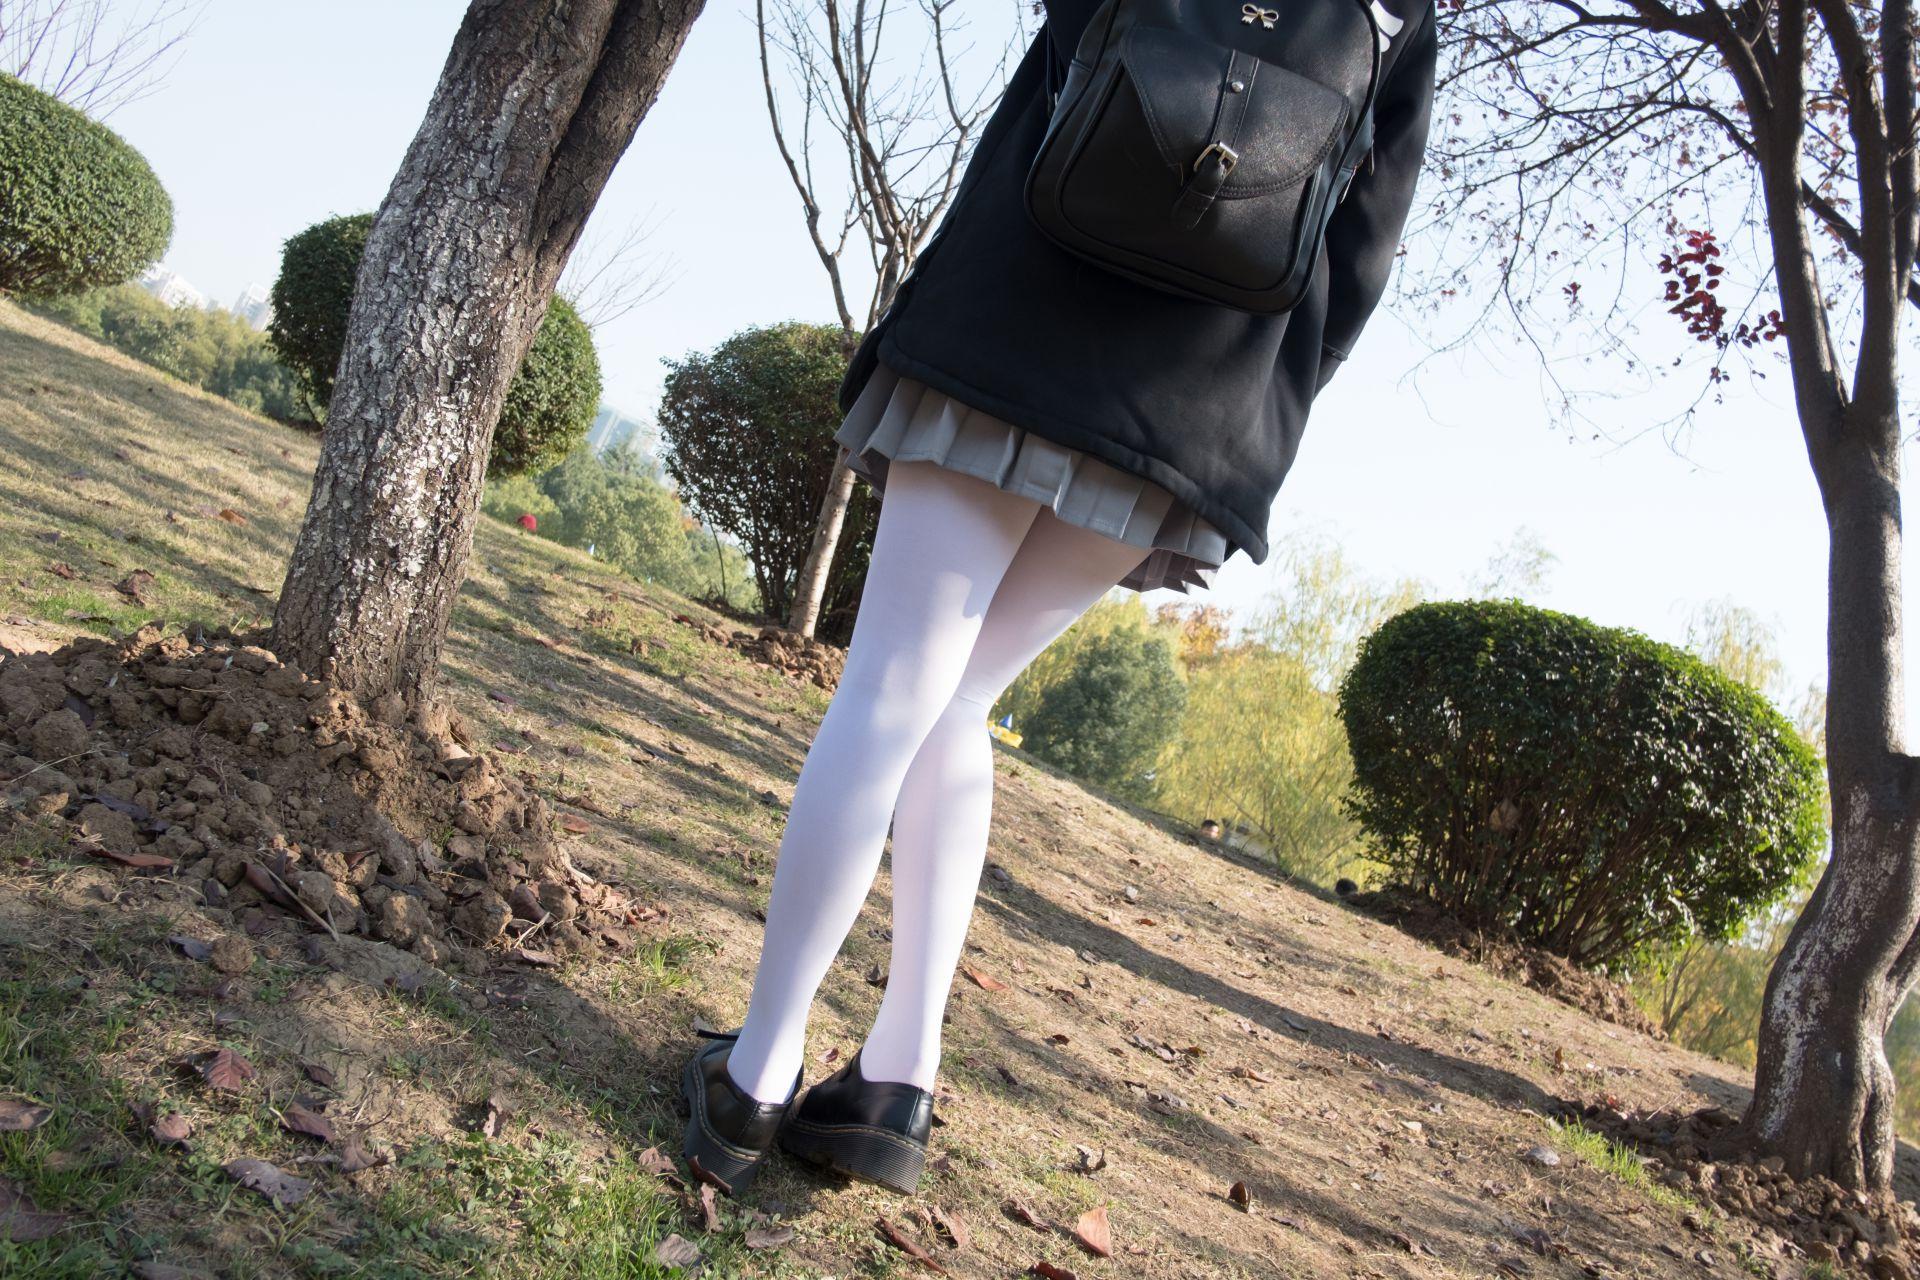 【森萝财团】森萝财团写真 - BETA-012 户外丝足秀 [63P-407MB] BETA系列 第5张